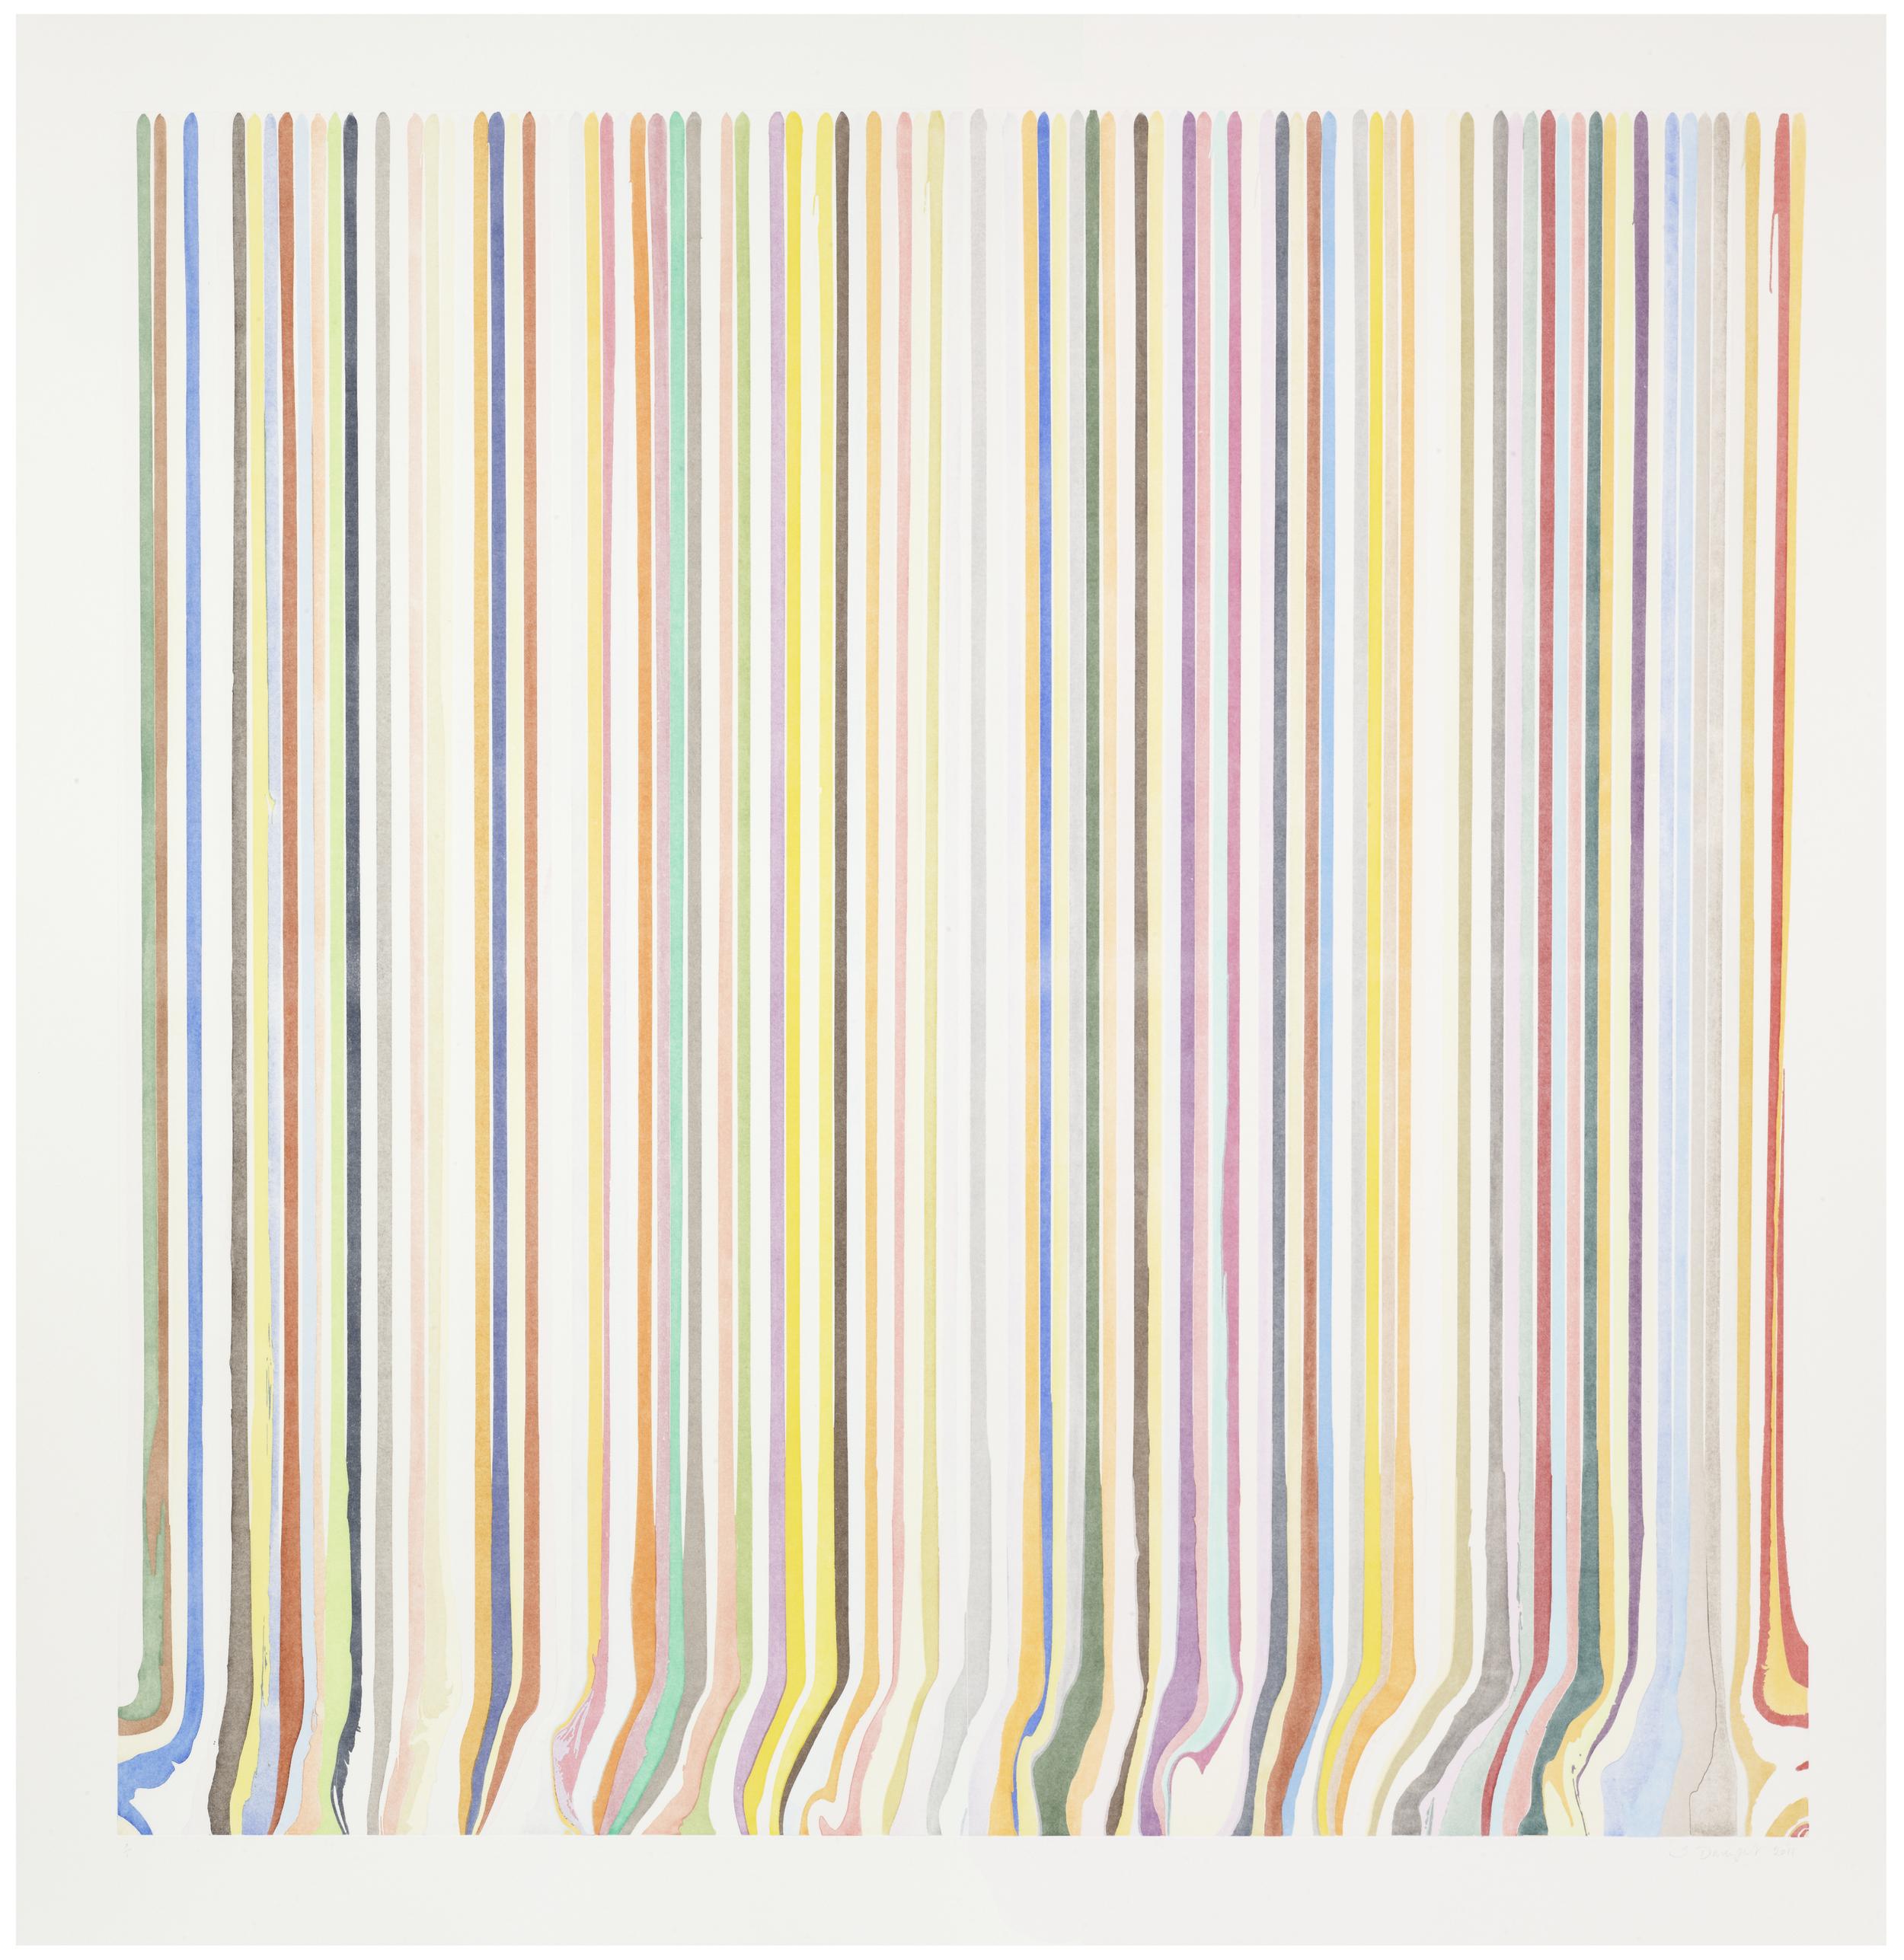 Ian Davenport  Prismatic Diptych Ghost •2011 Gravura em metal   Edição: Unica 199.5 x 193.0 cm